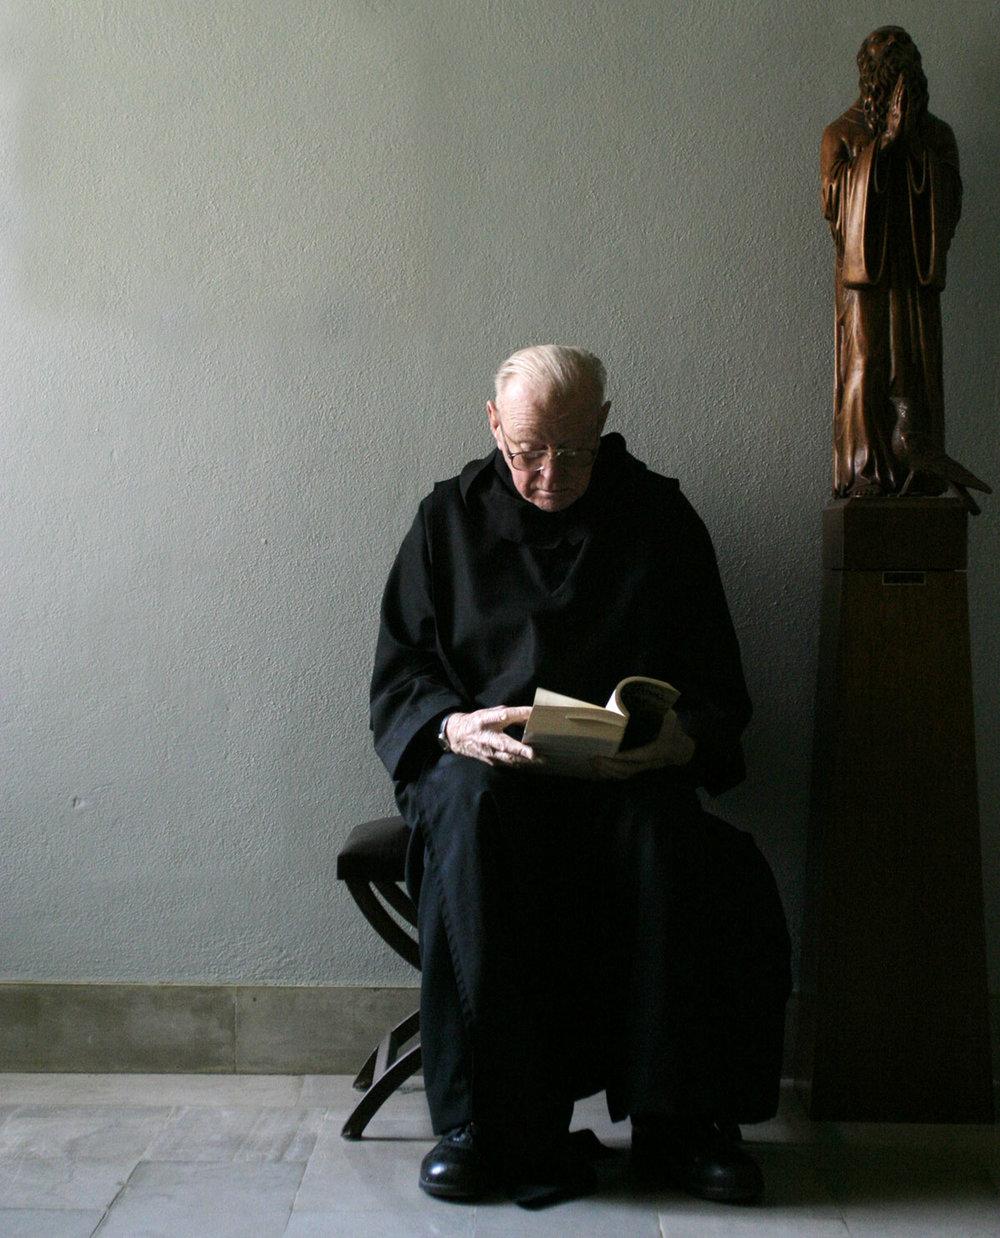 Br. Martin Burkhard, OSB